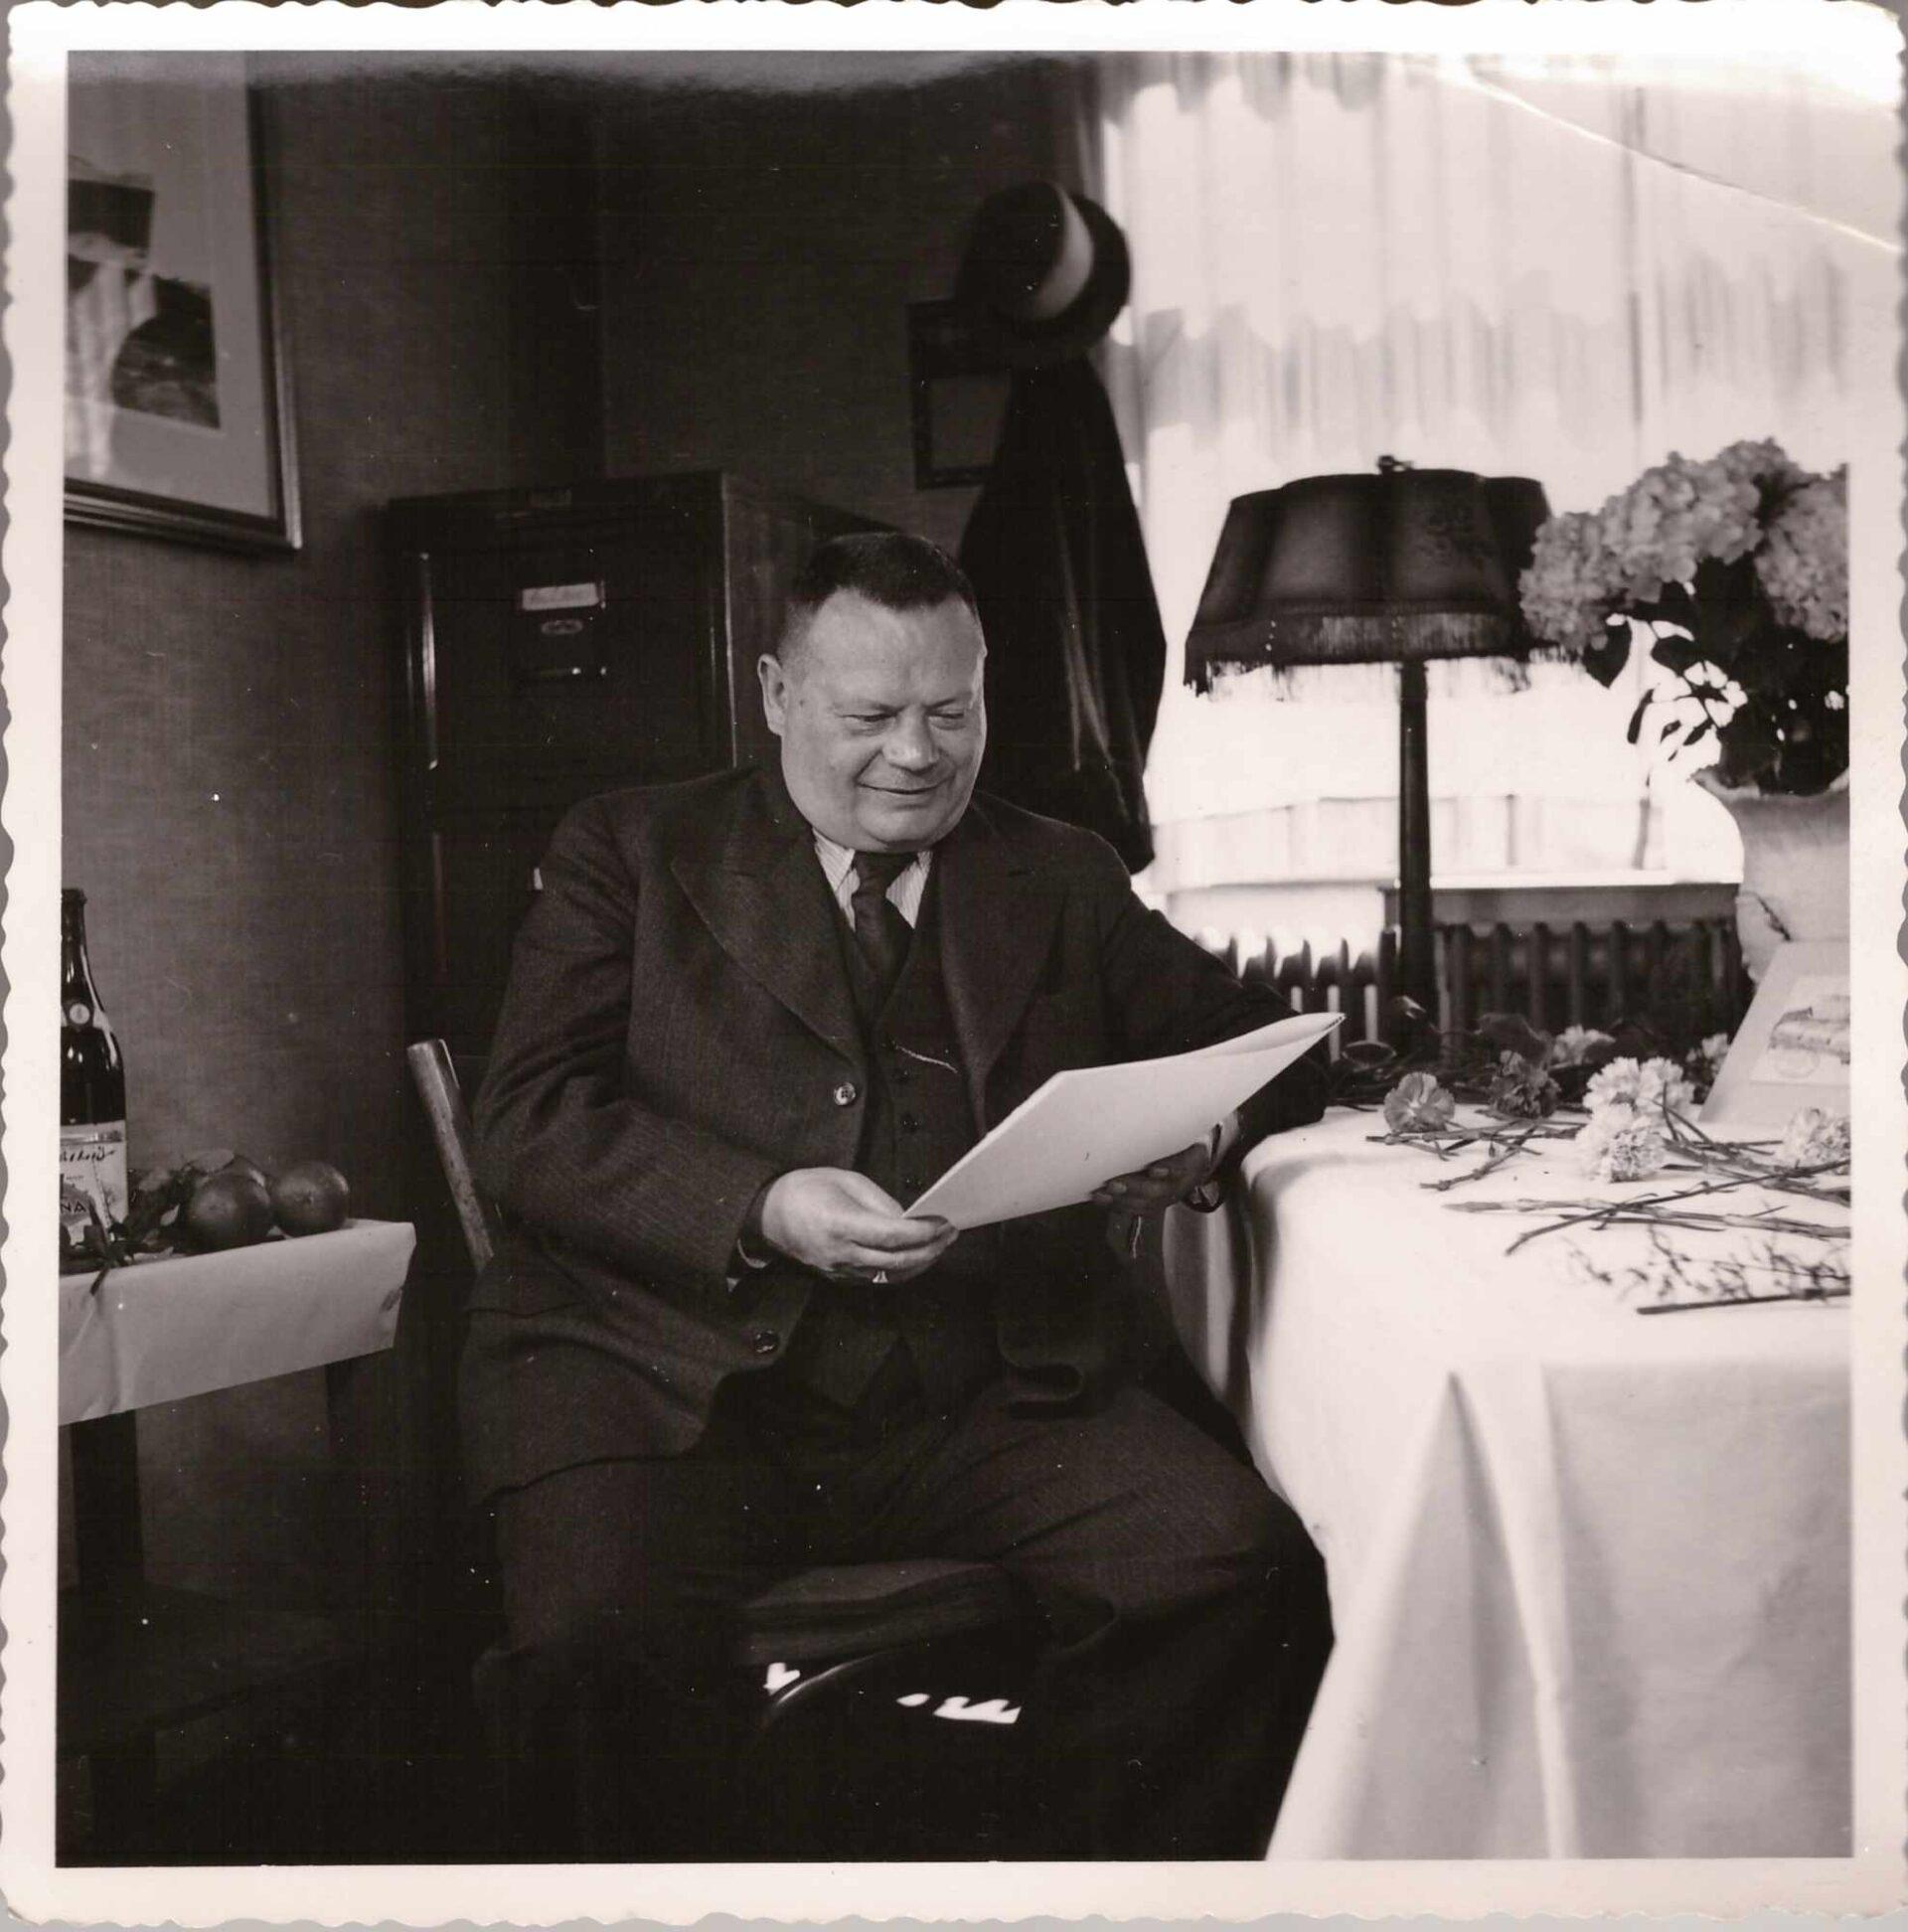 Bild: Albert Gürtler-Baumann am 25-Jahre Firmenjubiläum in der Ciba, Basel am 9. Juli 1939